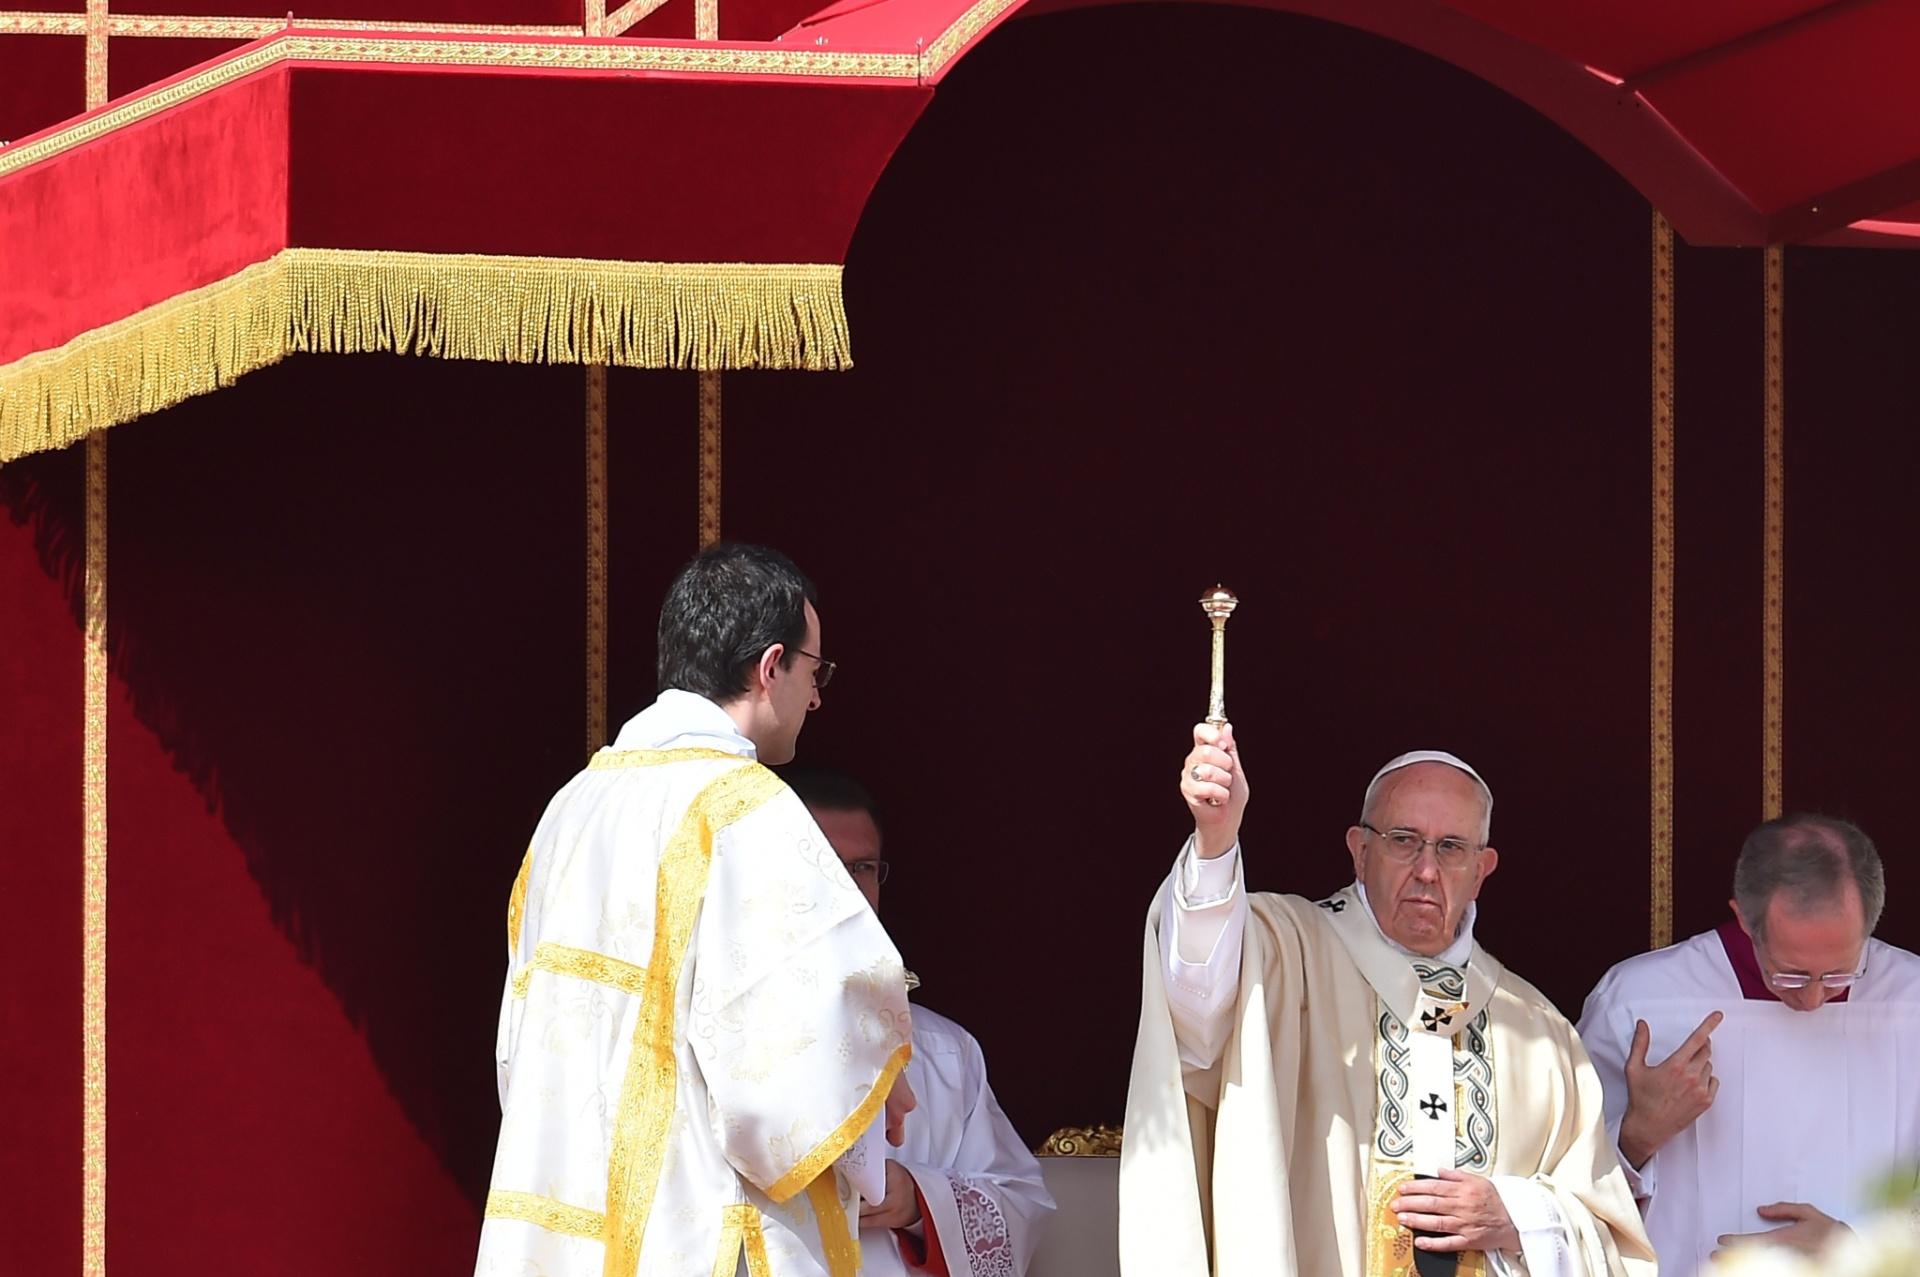 3.abr.2016 - Papa Francisco durante missa na Praça de São Pedro, neste domingo; em um gesto inédito, o pontífice pediu neste domingo que as paróquias da Europa recolham fundos durante a missa de 24 de abril para serem enviados à Ucrânia, em favor dos